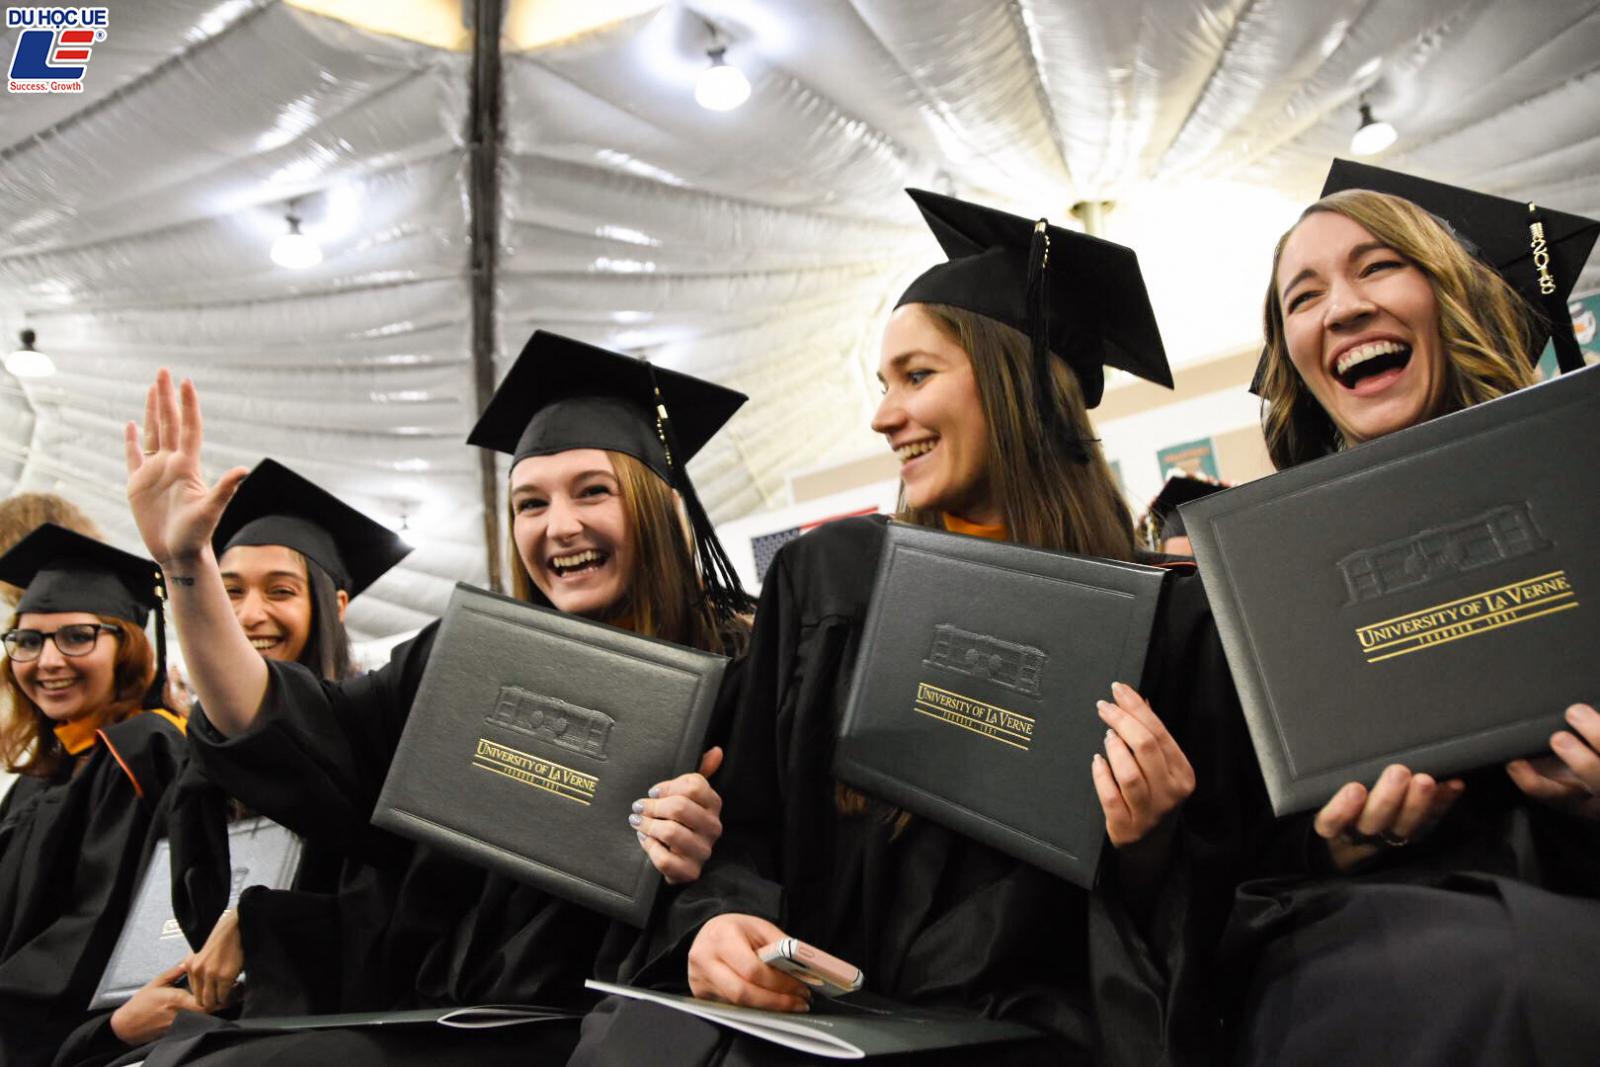 Chinh phục học bổng $25.000 từ University Of La Verne